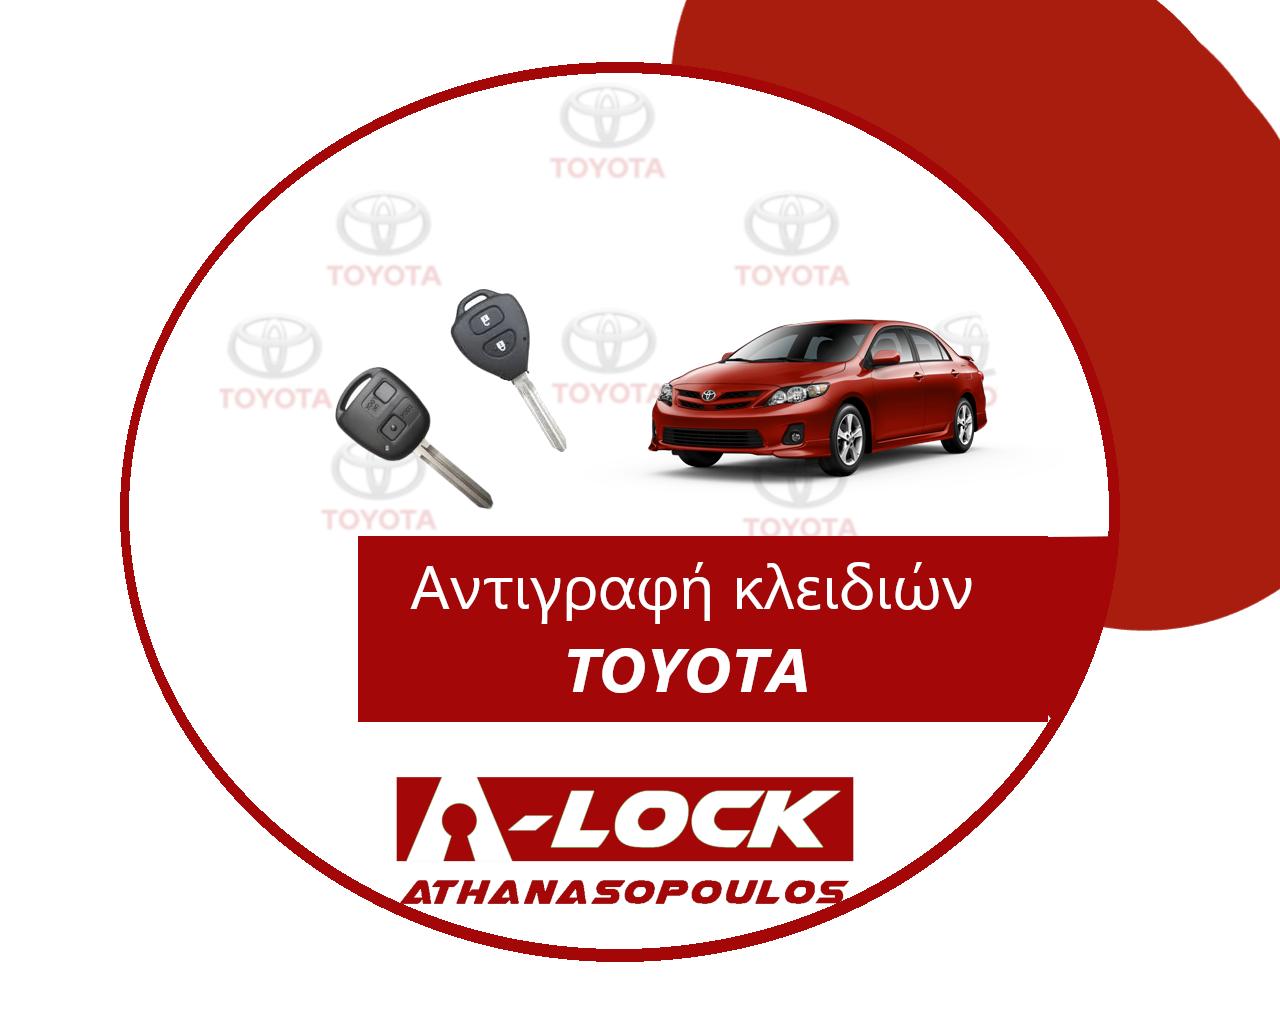 Αντιγραφές Κλειδιών Immobilizer Αυτοκινήτου Toyota - 24 Ωρες Κλειδαράς Γαλάτσι A-Lock Αθανασόπουλος